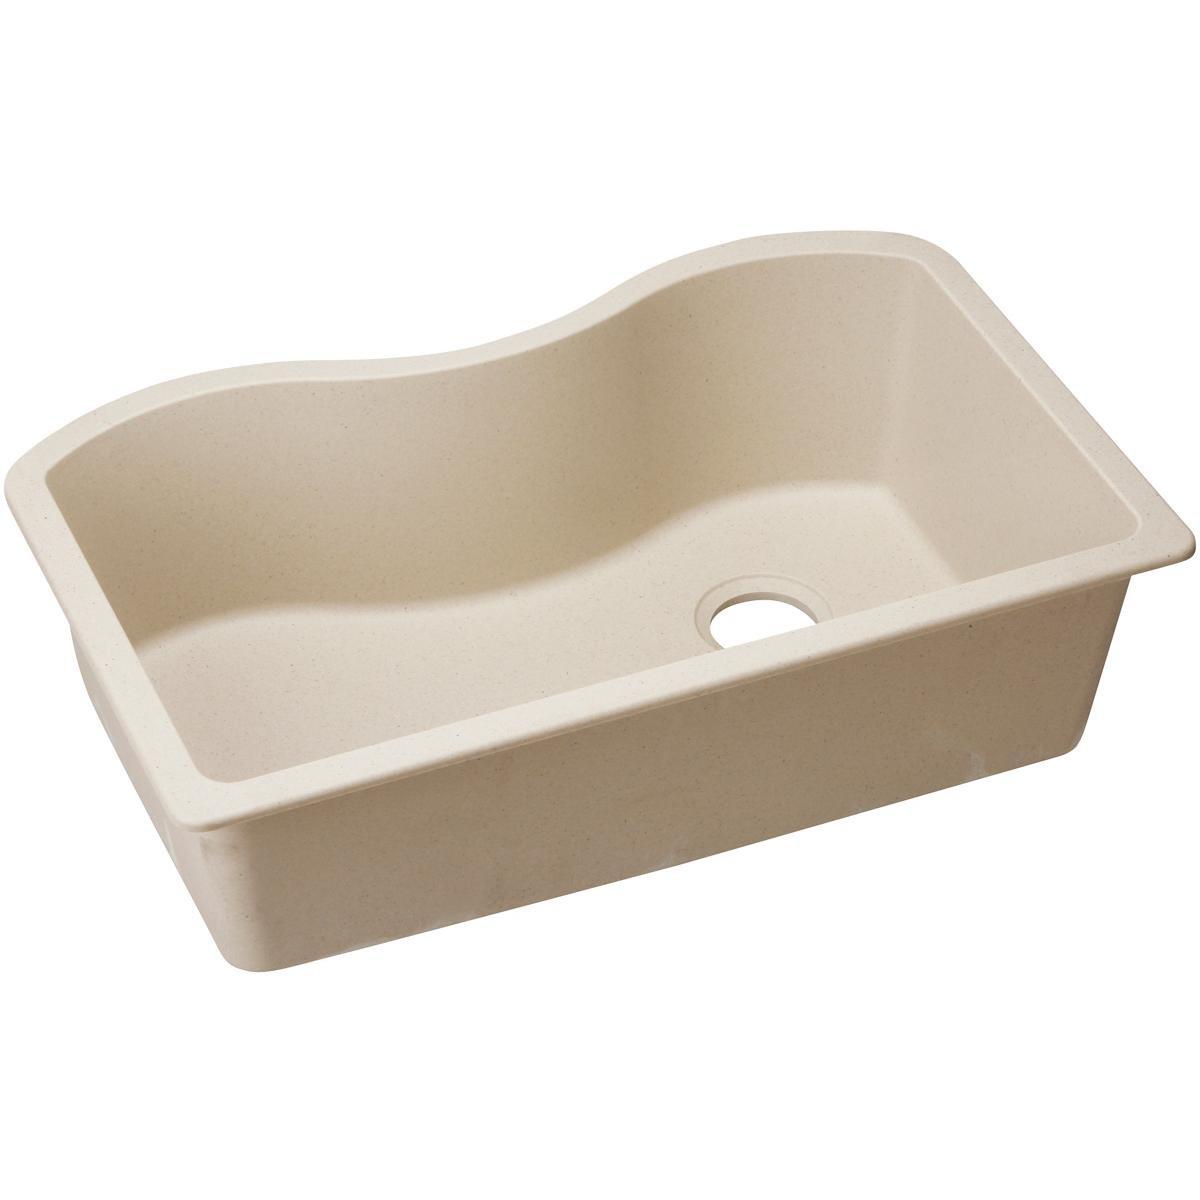 Mocha Elkay ELGUS3322RMC0 Harmony Quartz Classic Undermount Sink